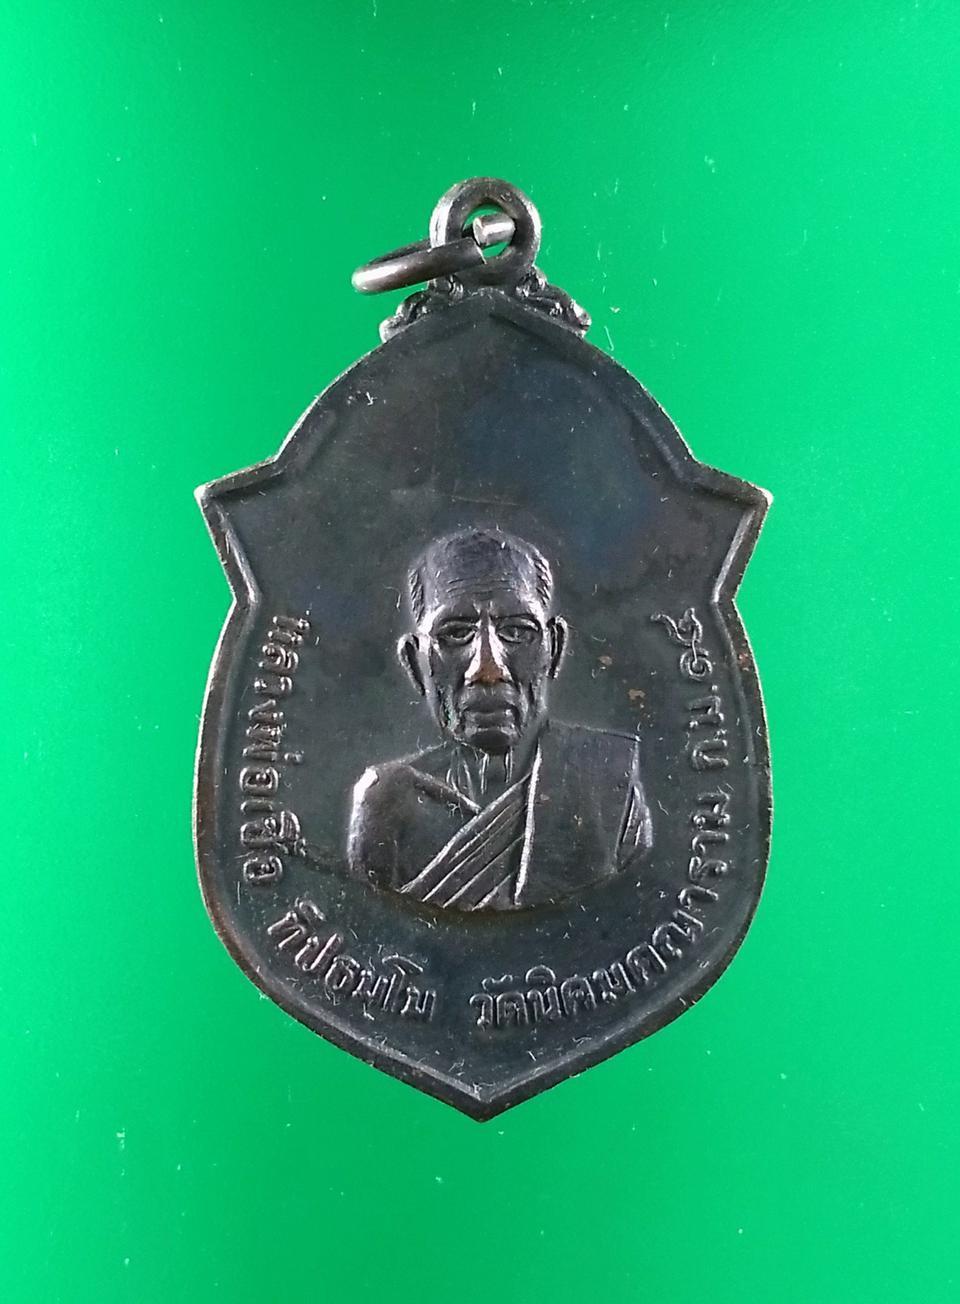 5696 เหรียญหลวงพ่อเชื้อ วัดนิคมคณาราม  ปี 2514 ครบรอบอายุ 72 ปี จ.ประจวบคีรีขันธิ์ รูปที่ 1